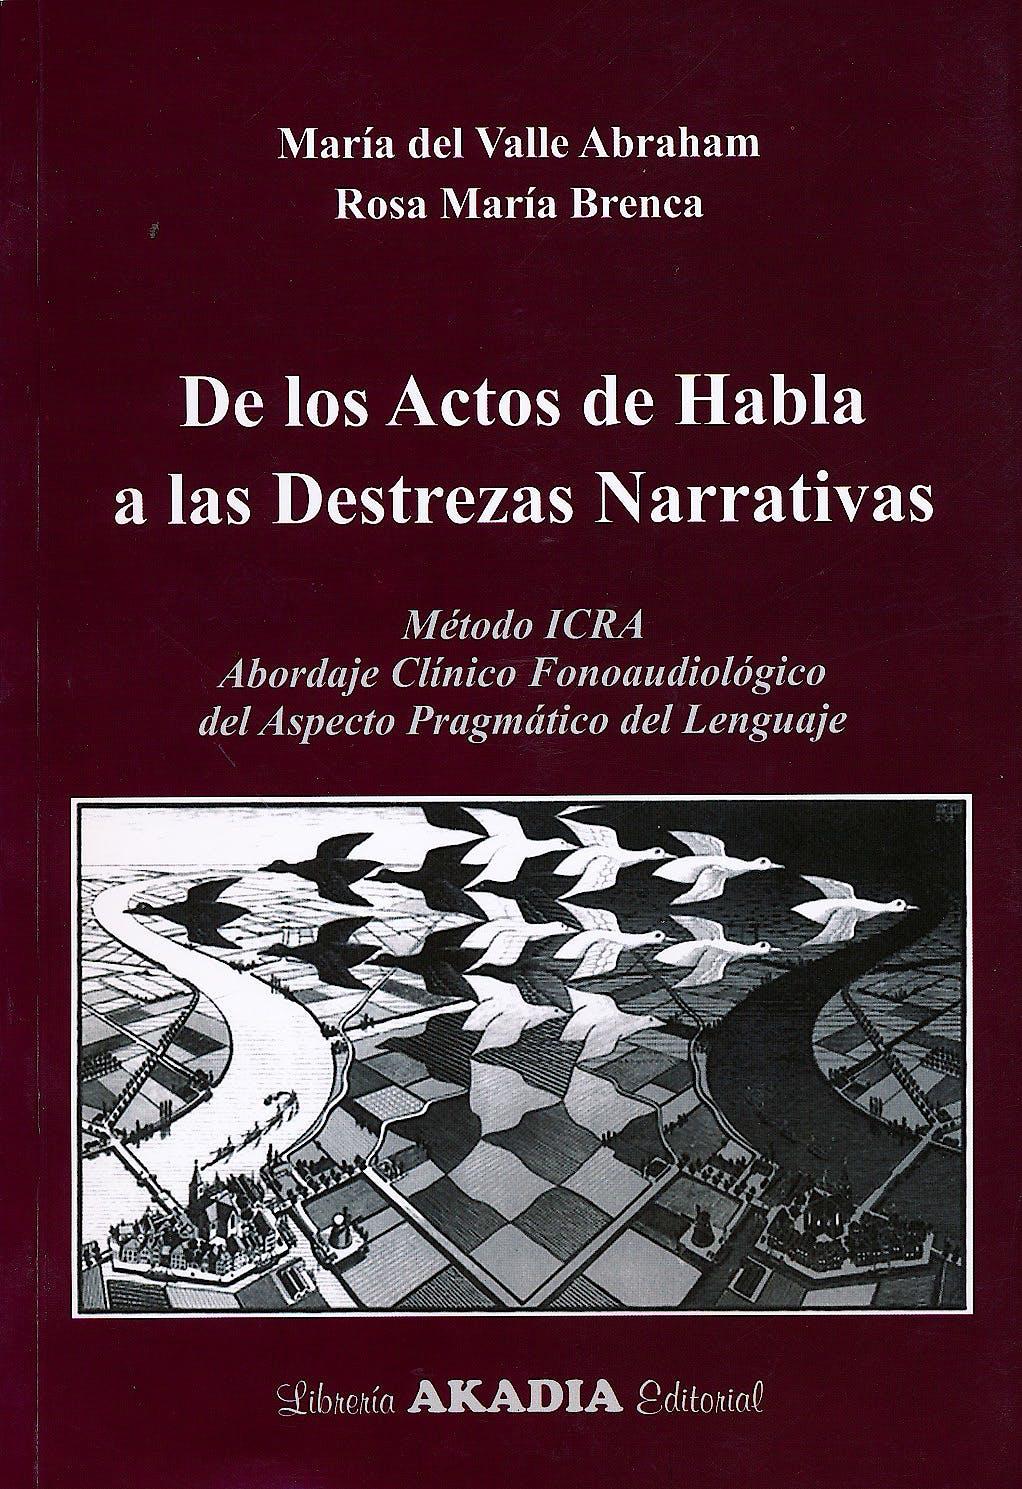 Portada del libro 9789875702868 De los Actos de Habla a las Destrezas Narrativas. Método ICRA. Abordaje Clínico Fonoaudiológico del Aspecto Pragmático del Lenguaje